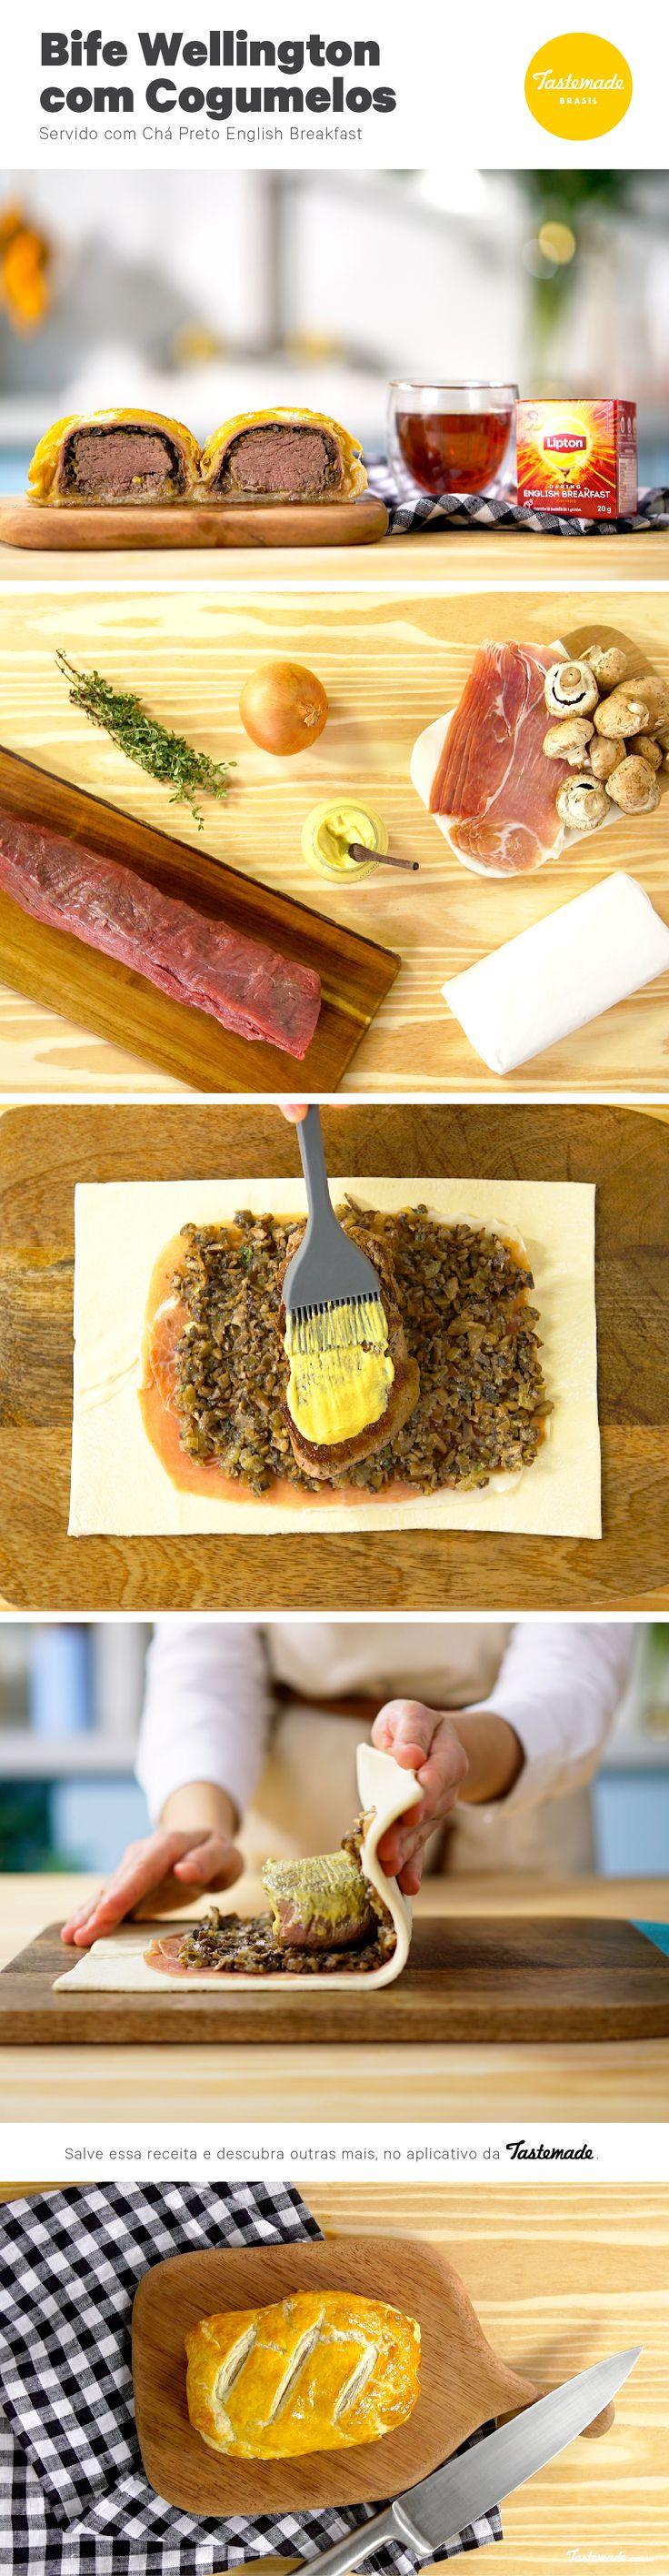 Nós garantimos que o sabor de um bife Wellington recheado com cogumelos fica ainda melhor quando harmonizado com chá preto English Breakfest!  Receita completa: https://www.tastemade.com.br/videos/bife-wellington-recheado-com-cogumelos